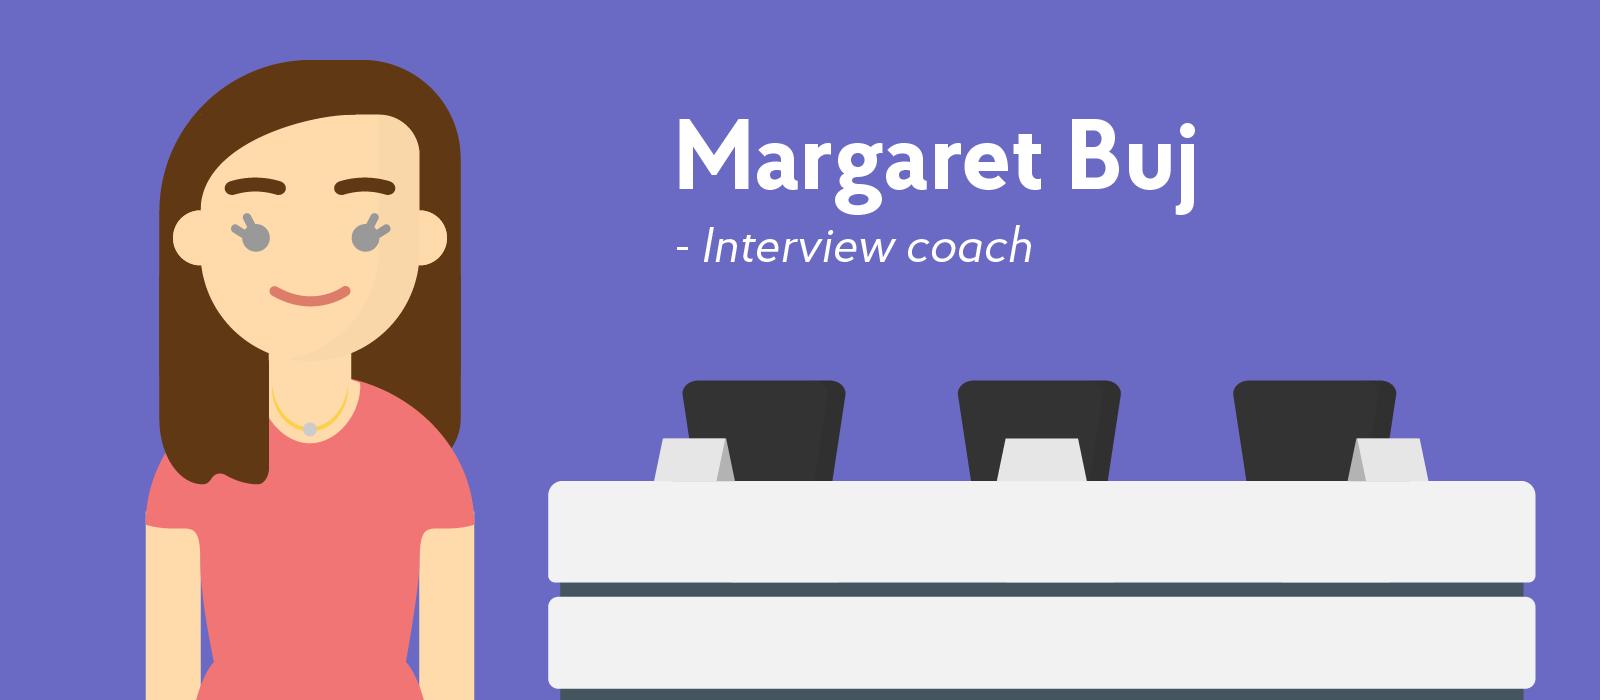 Margaret Buj career influencer